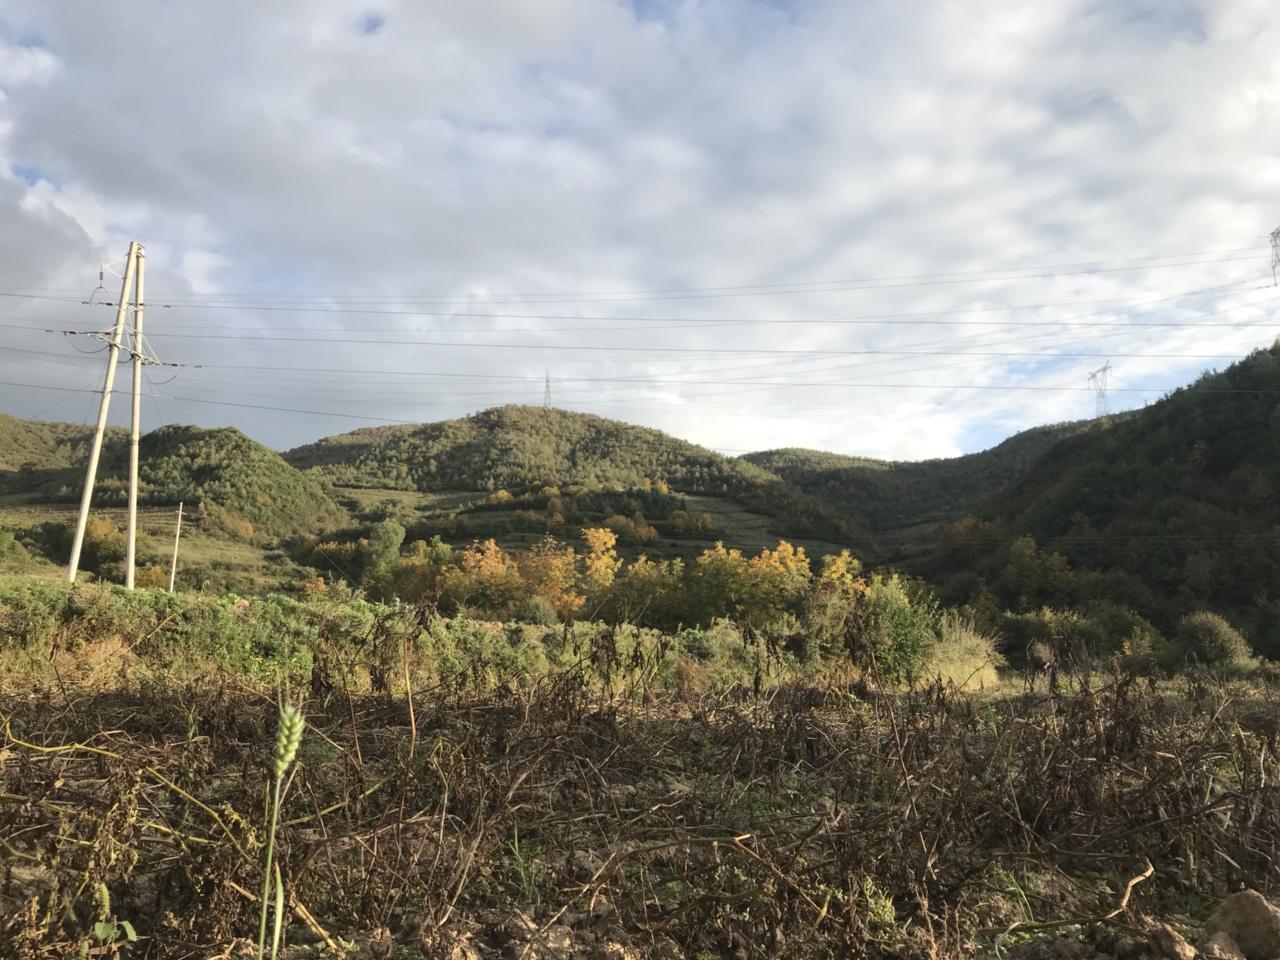 闫家神树村的两棵神树的传说谁知道?